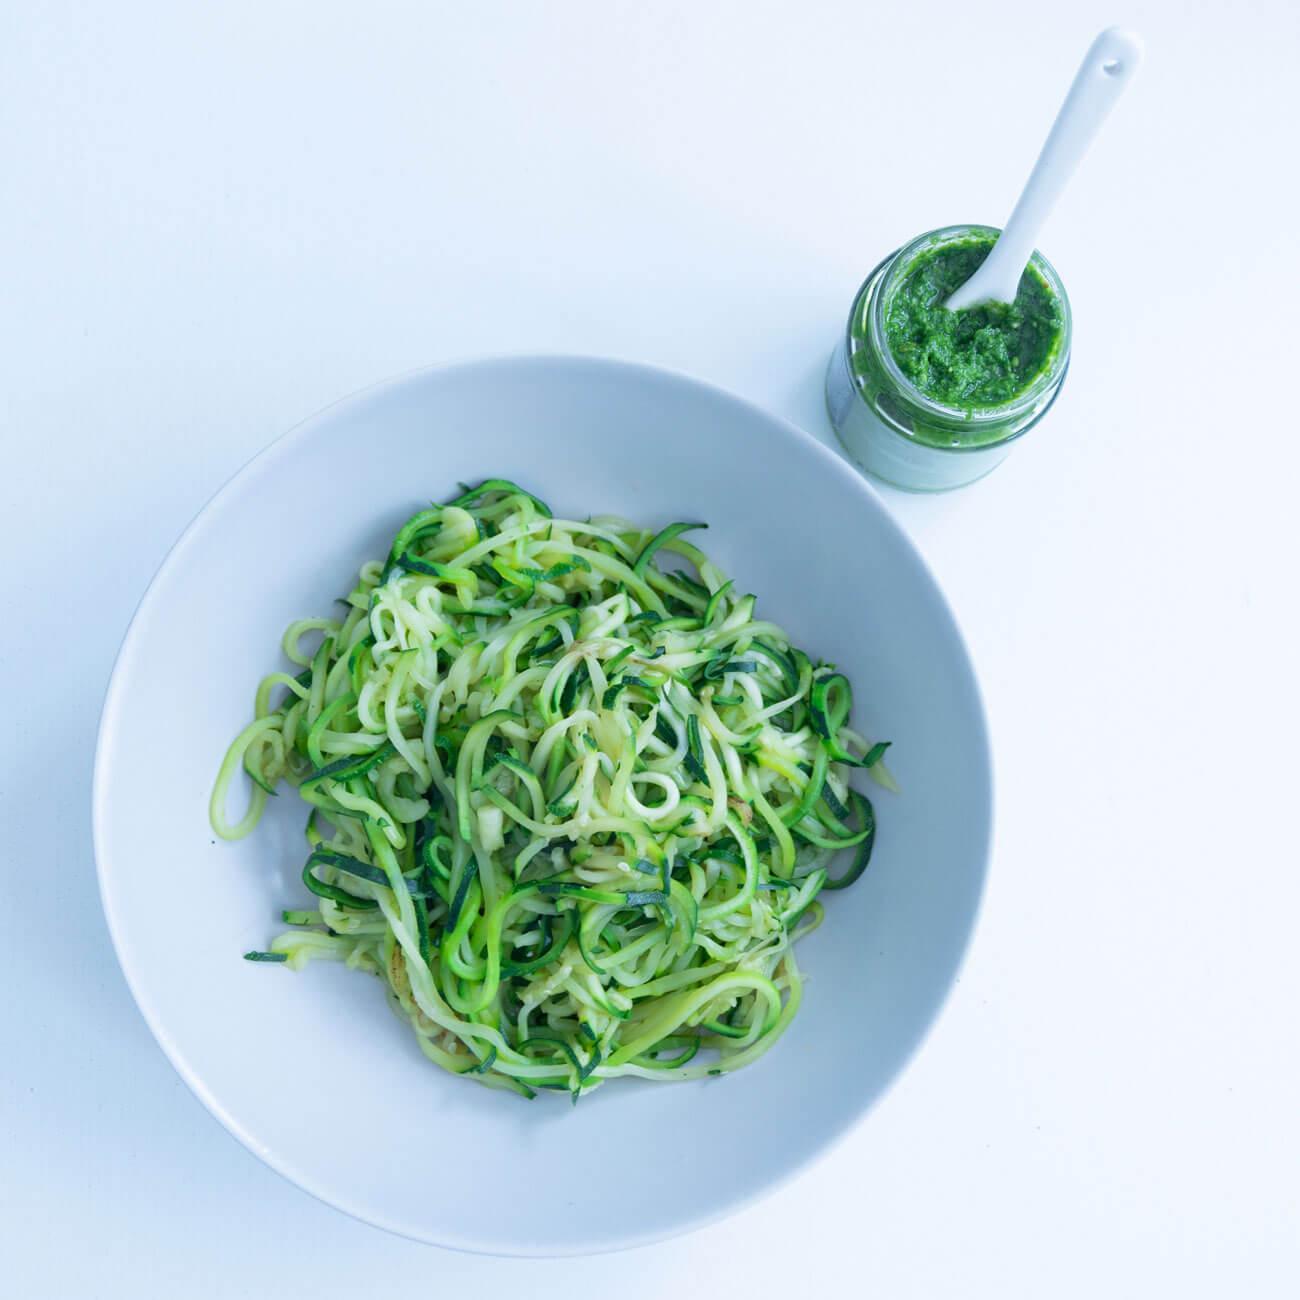 Low Carb, Bärlauch-Pesto mit Zucchini-Nudeln, einfach, selber machen, glutenfrei